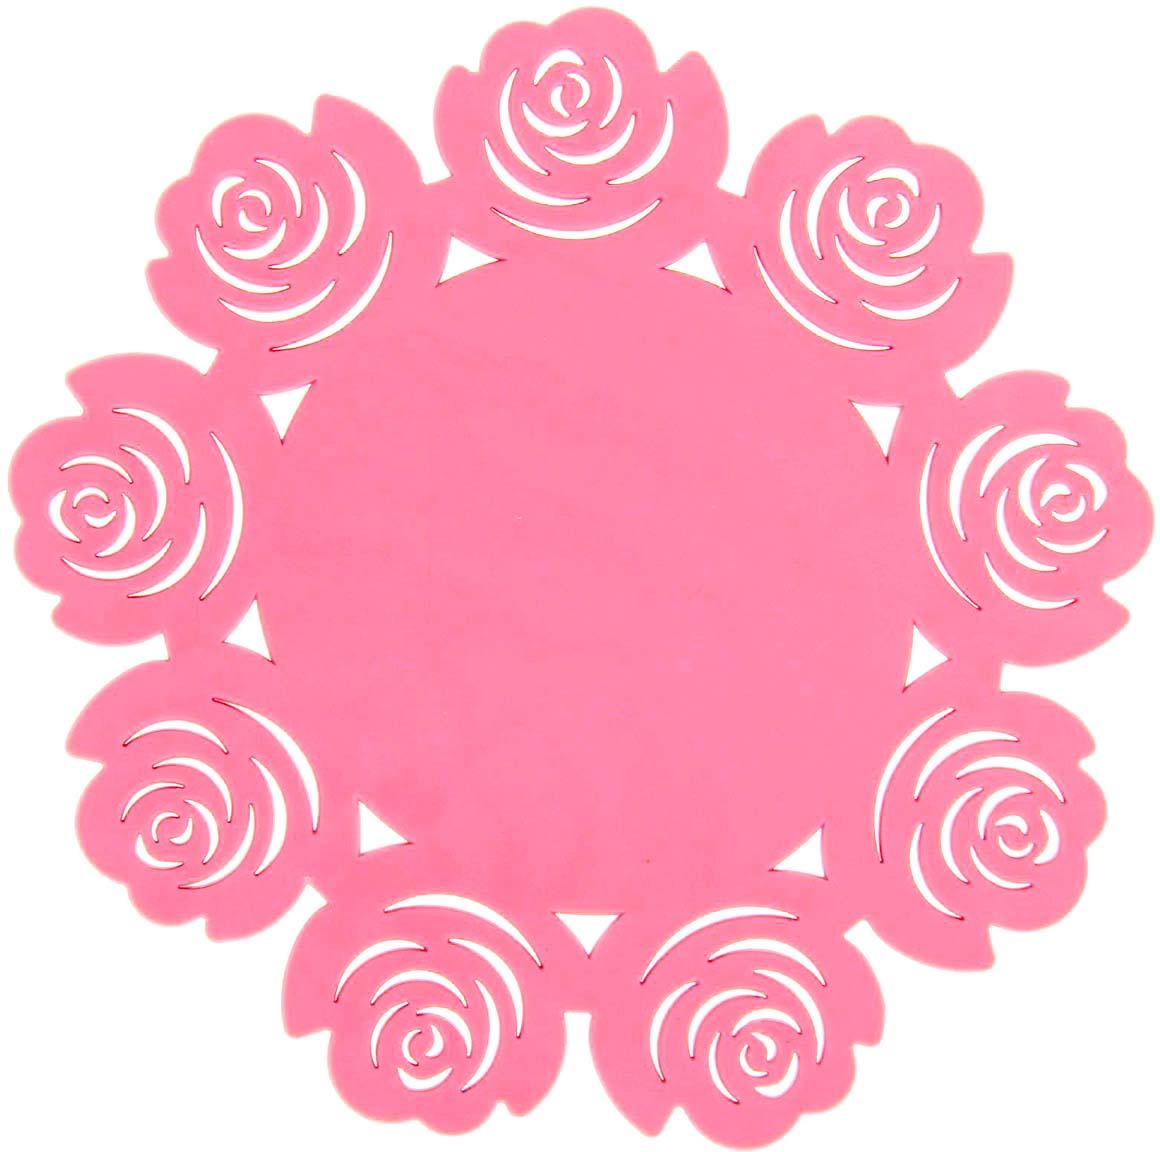 Подставка под горячее Доляна Летний домик, цвет: светло-розовый, диаметр 16 см812069_светло-розовыйСиликоновая подставка под горячее Доляна - практичный предмет, который обязательно пригодится в хозяйстве. Изделие поможет сберечь столы, тумбы, скатерти и клеёнки от повреждения нагретыми сковородами, кастрюлями, чайниками и тарелками.